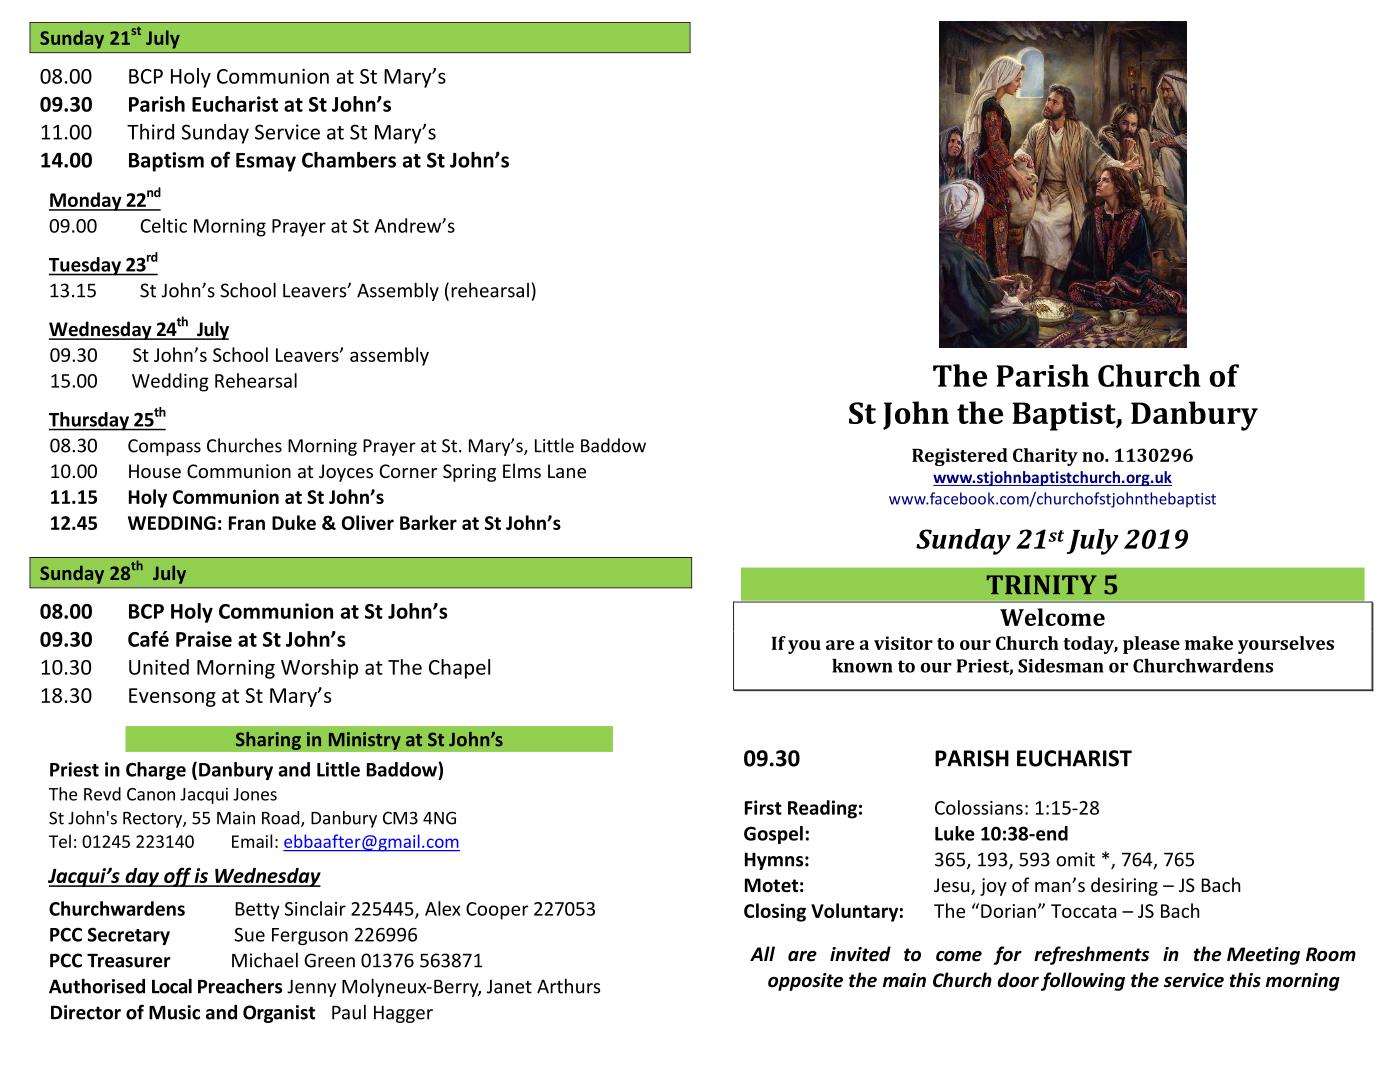 Pew leaflet 21st July 2019-1_1.PNG